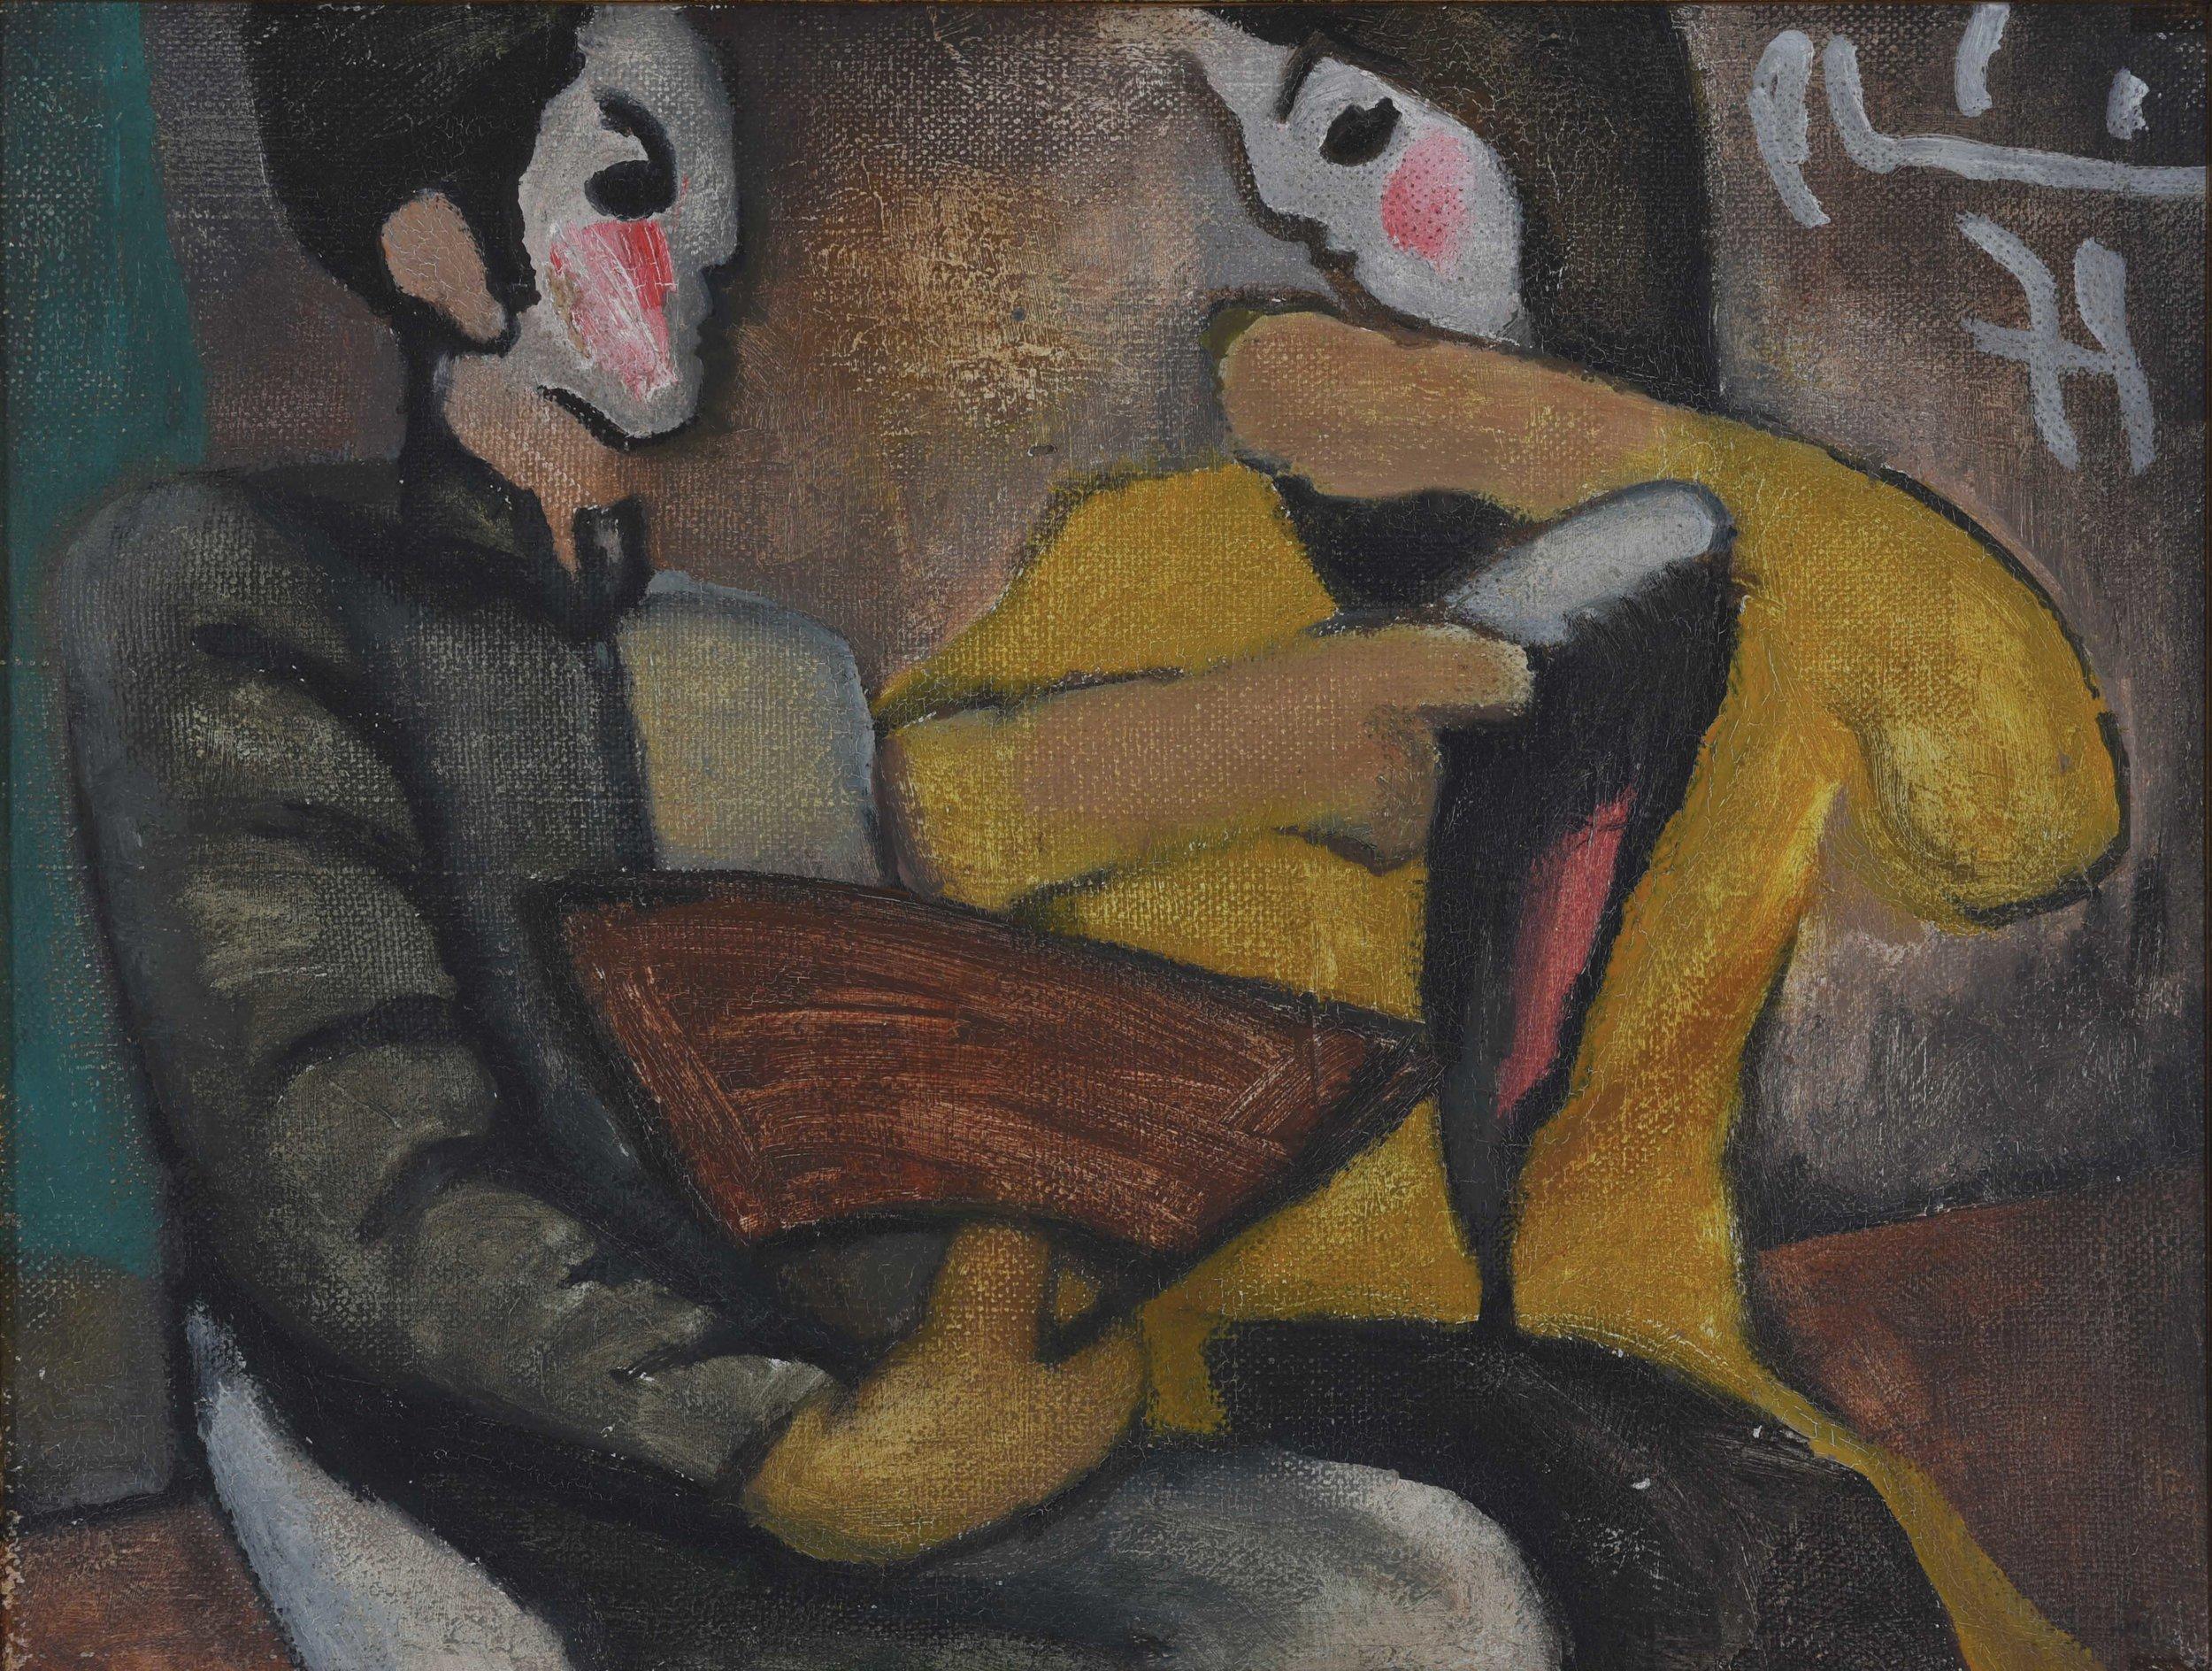 Bui Xuan Phai (Vietnamese, 1920-1988)